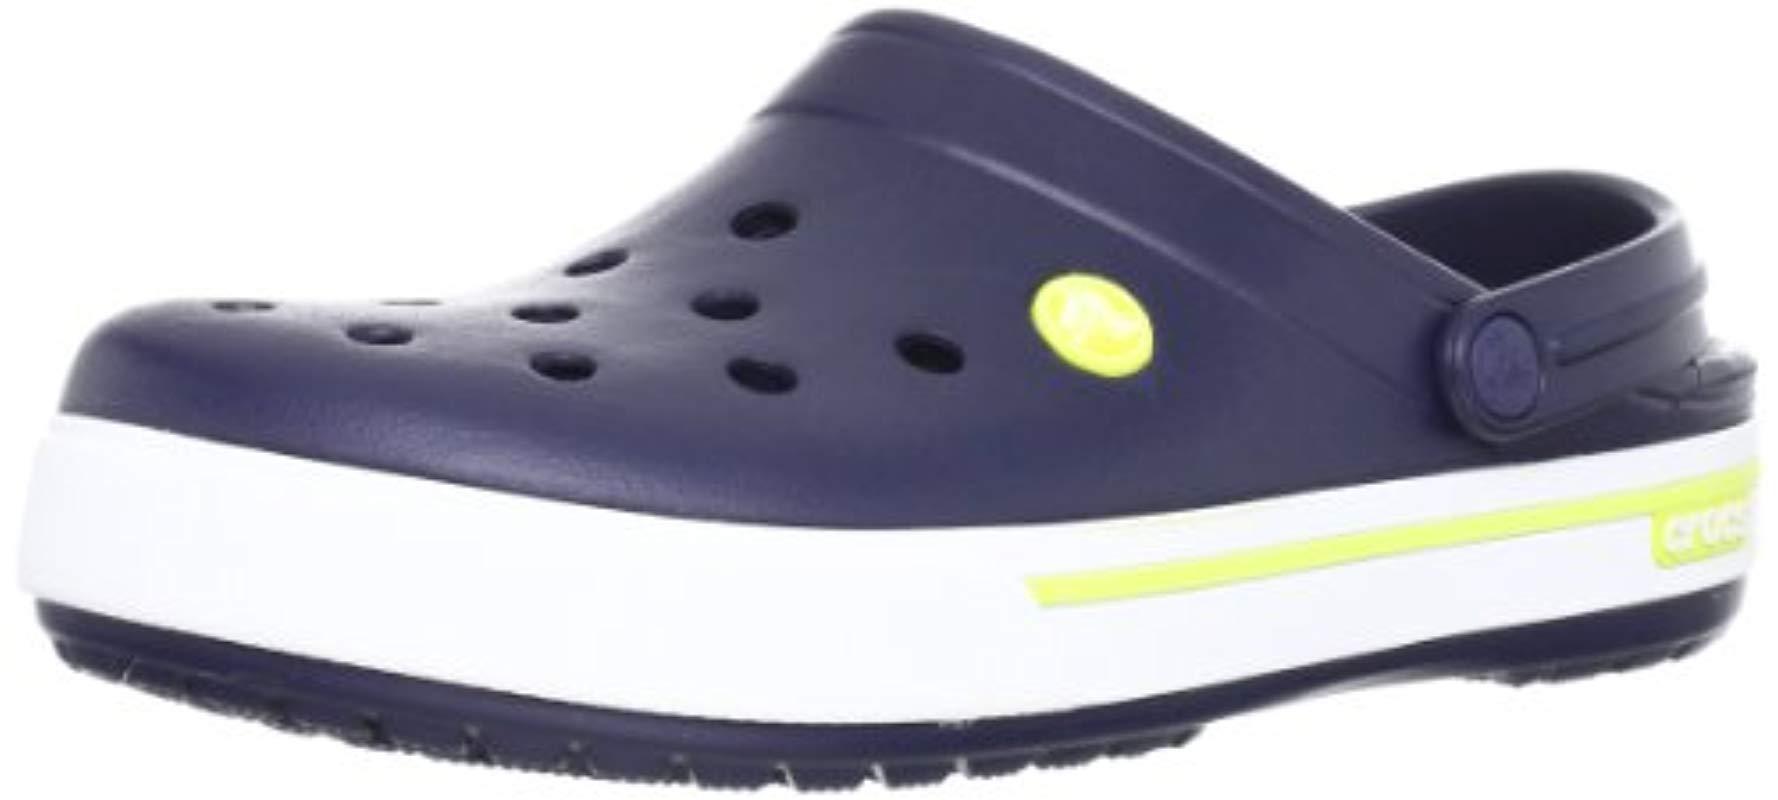 c25f4230ac94 Crocs™ Unisex Adults  Crocband Ii.5 Clog in Blue - Lyst